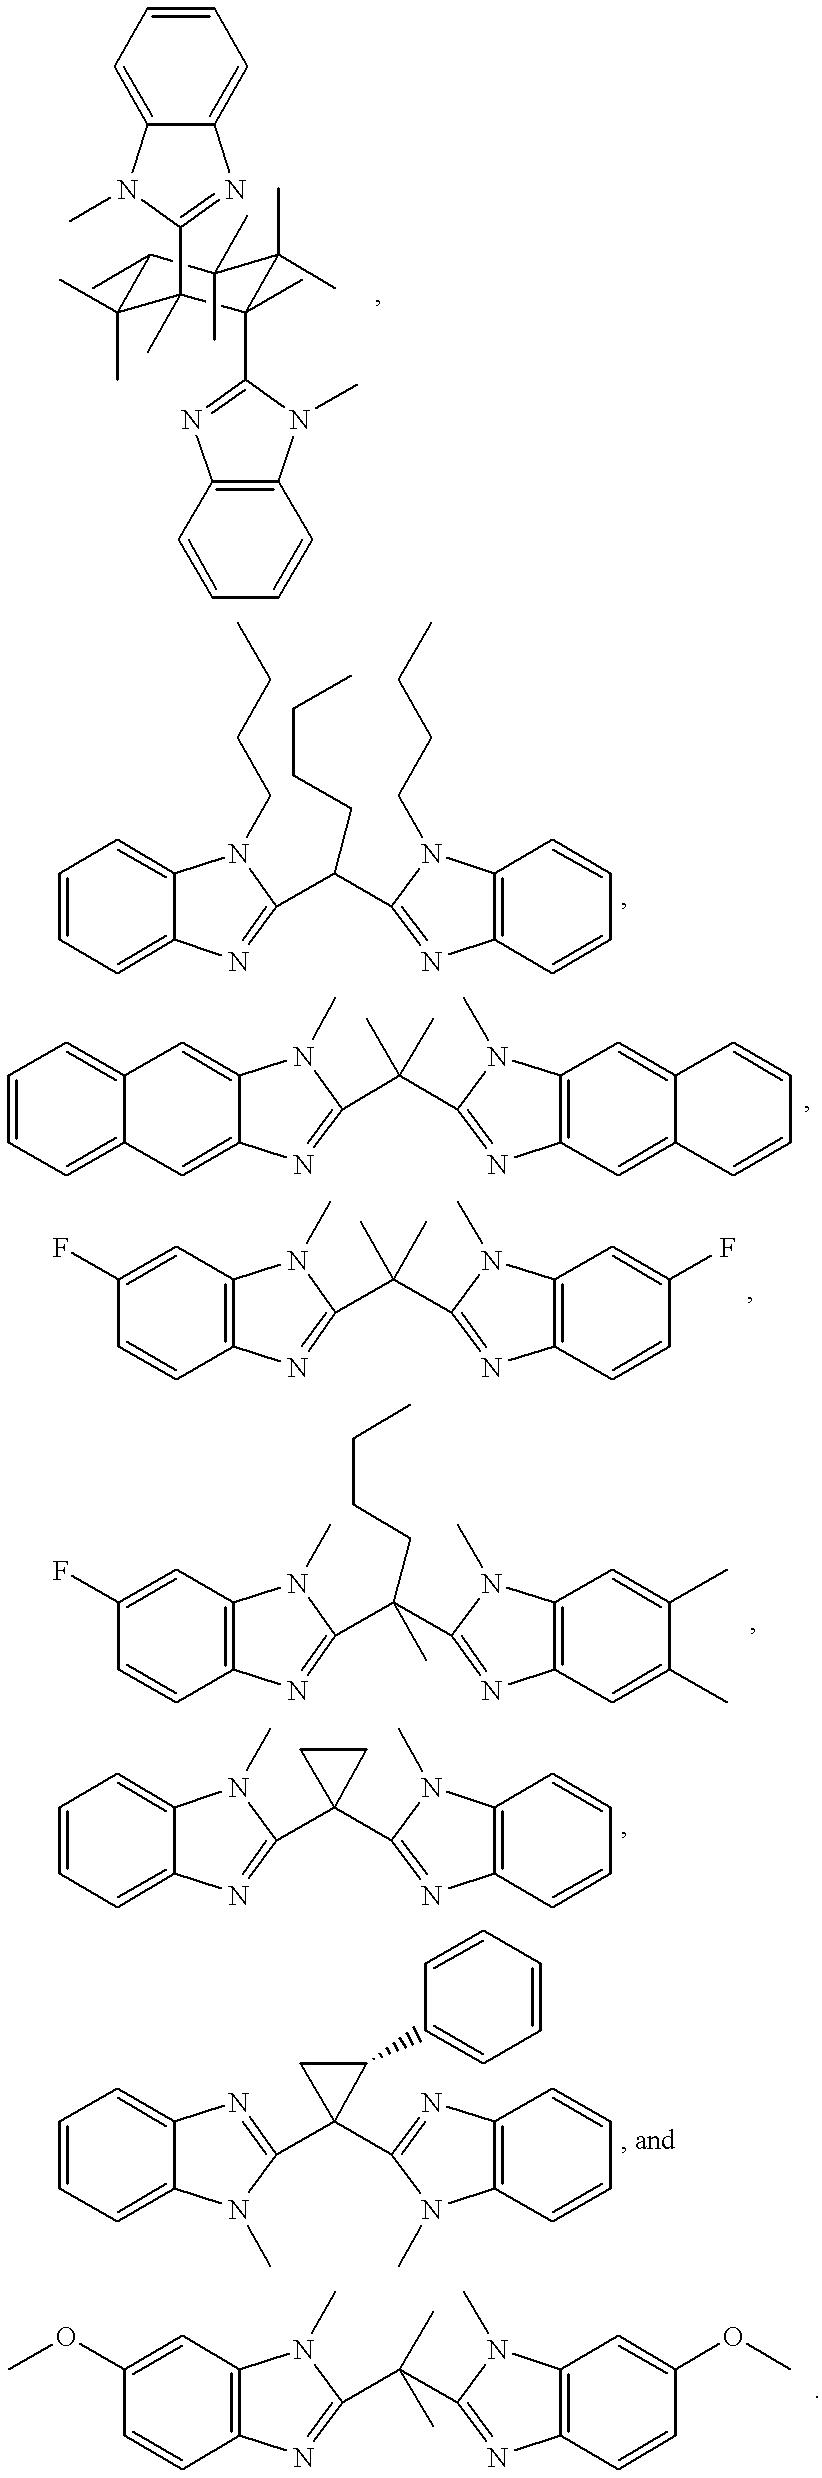 Figure US06180788-20010130-C00004